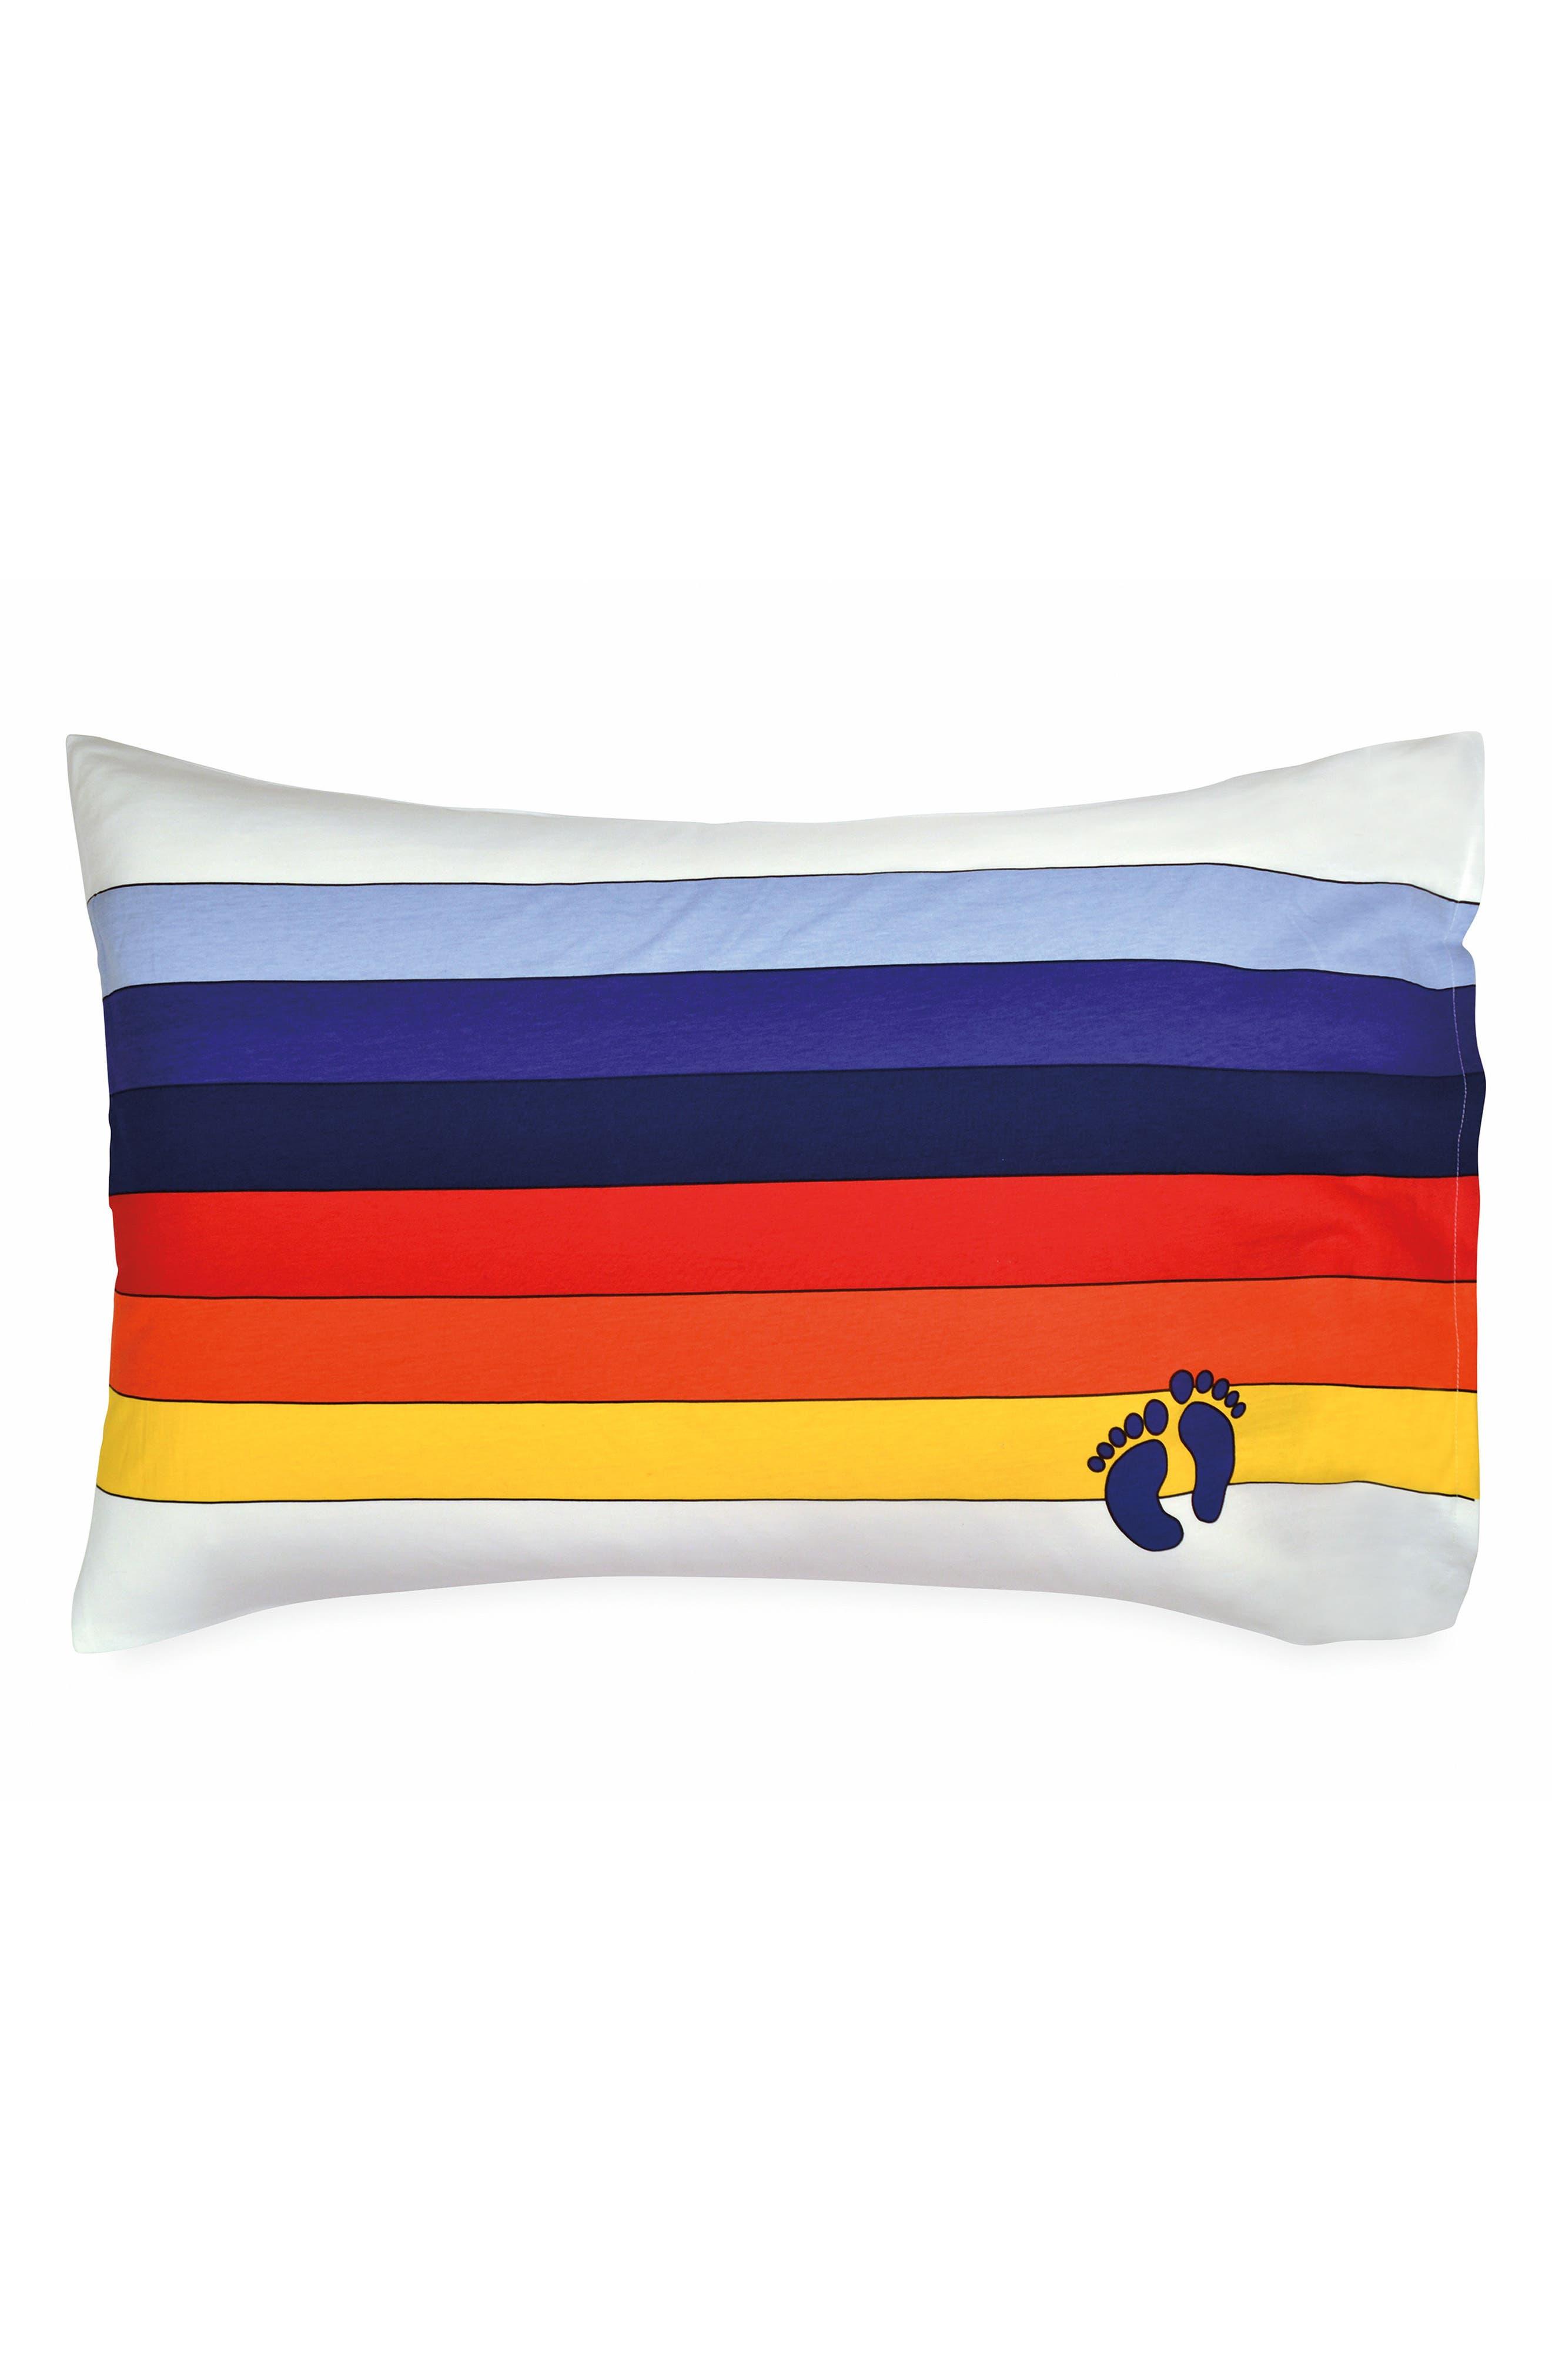 Rainbow Pillowcase,                         Main,                         color, 100